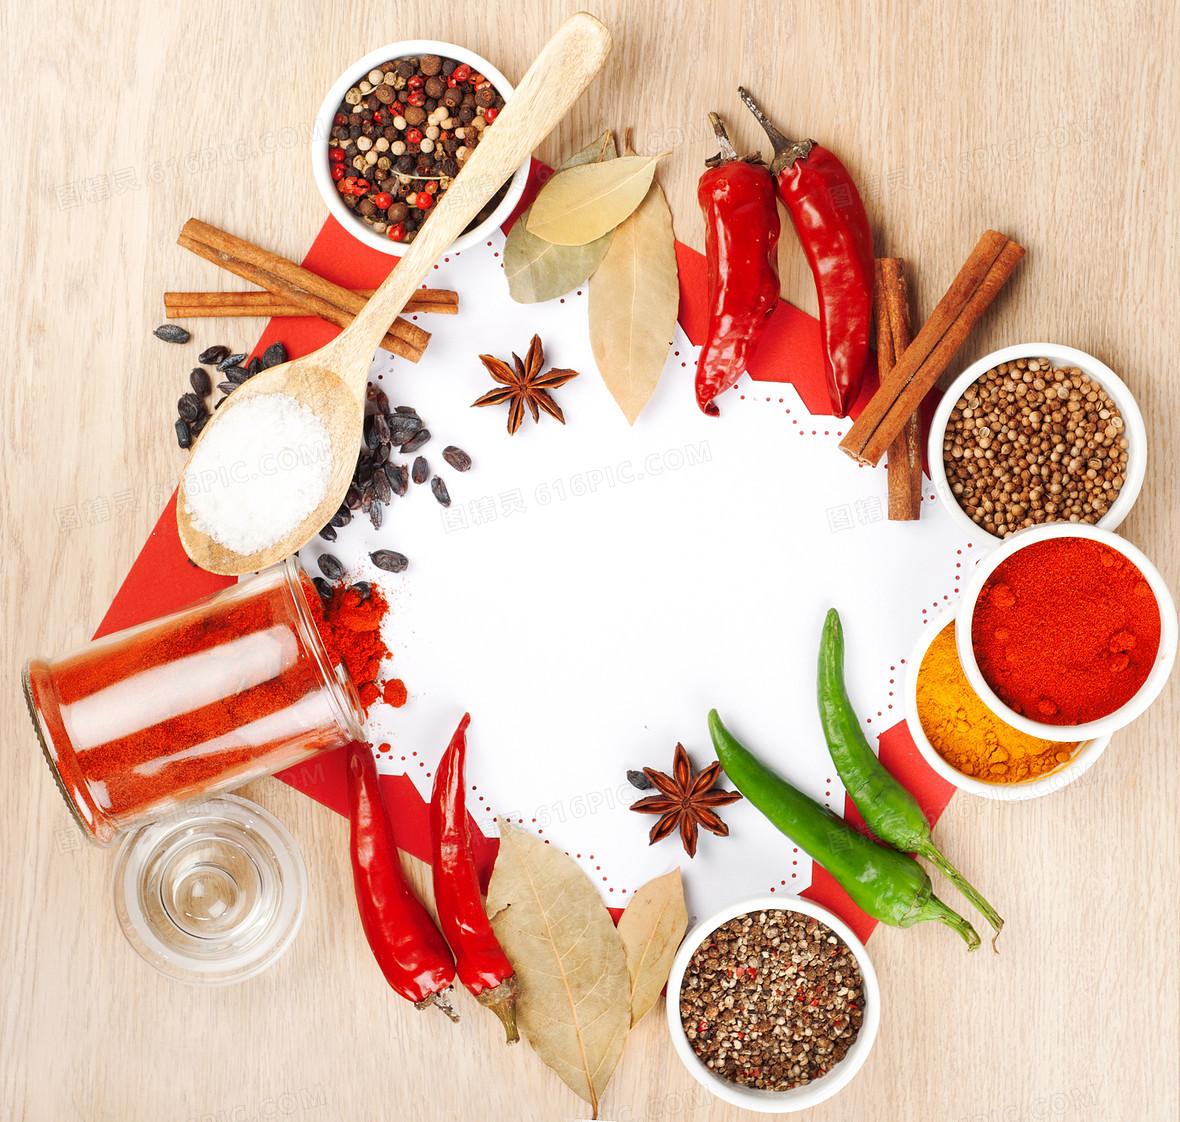 花椒辣椒食材木板背景素材